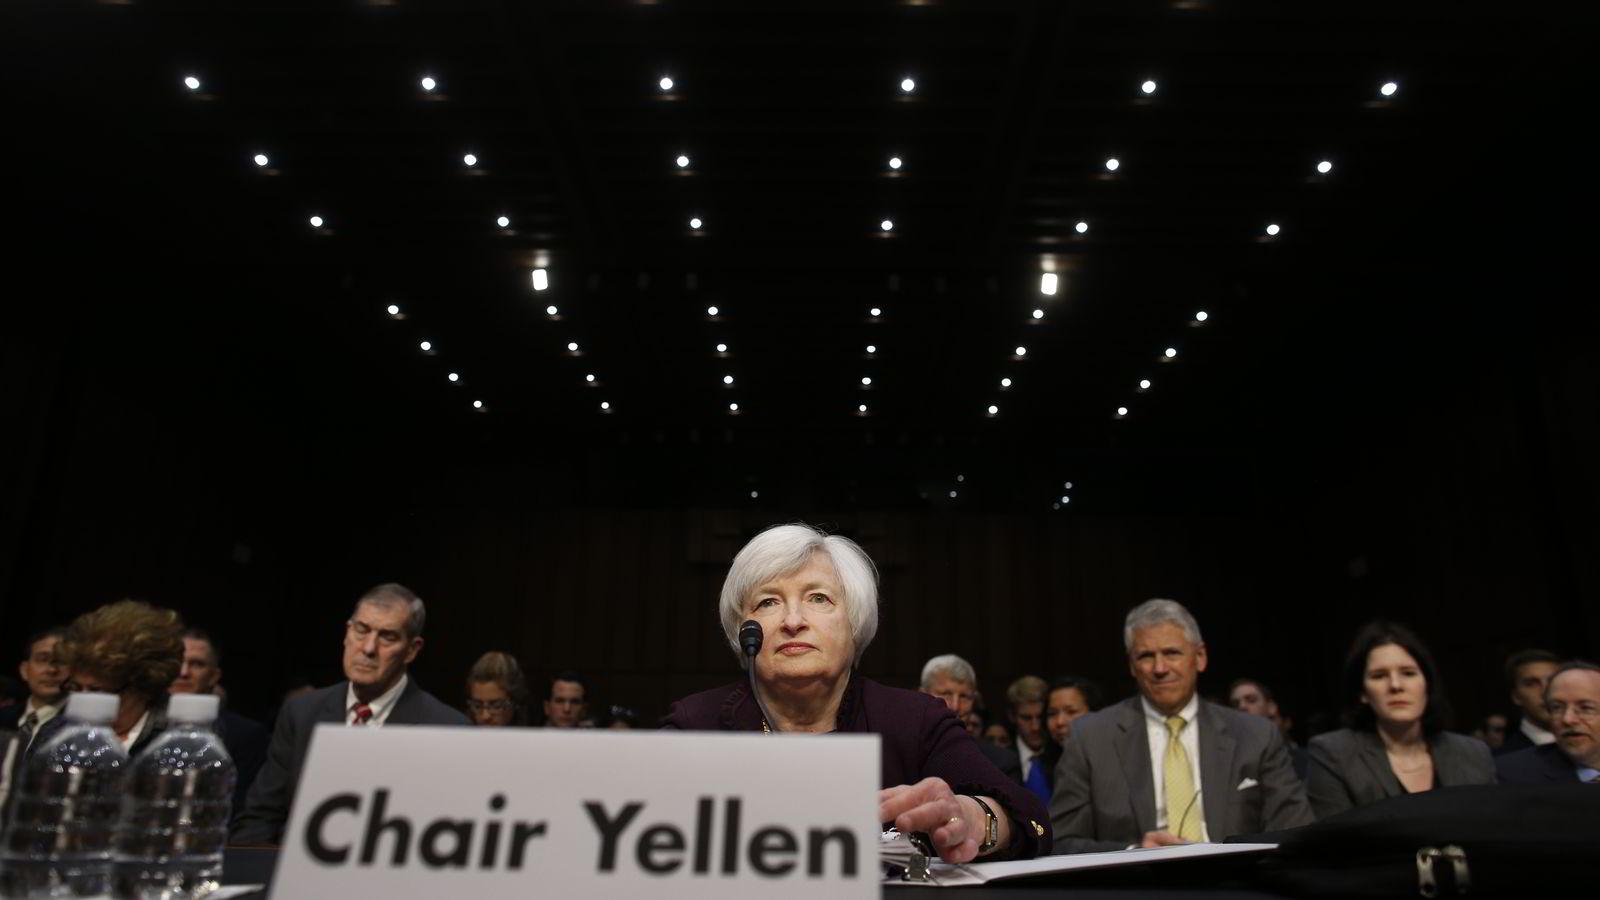 VENTER RENTEGUIDING. Mens Fed-sjef Janet Yellen ventes holde renten på morgendagens pressekonferanse, knyttes det spenning til hva som vil bli sagt om rentebanen. Her fra hennes orientering om utviklingen i amerikansk økonomi i kongressen i forrige måned. Foto: AP Photo/Charles Dharapak